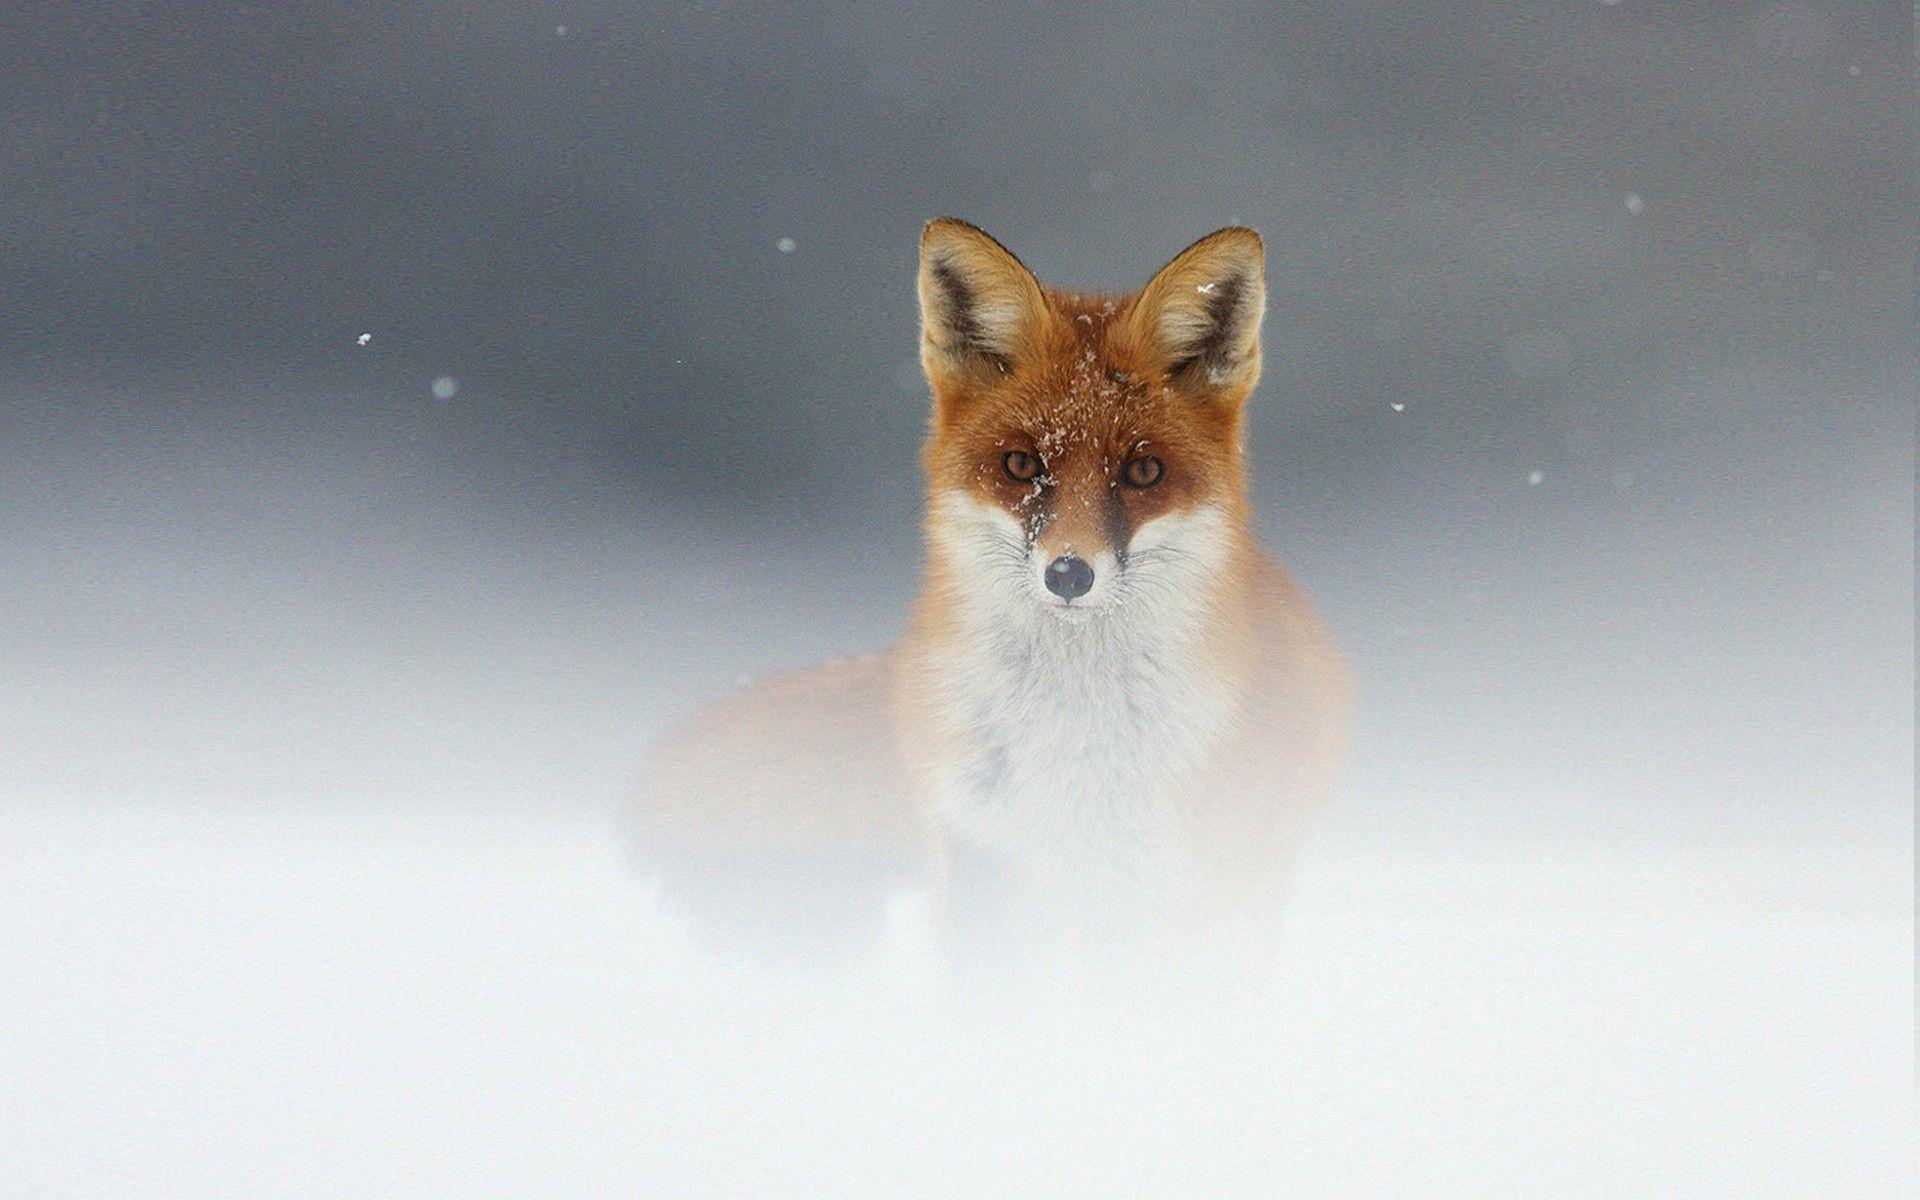 Fire <b>Fox wallpapers</b> | Fire <b>Fox</b> stock photos